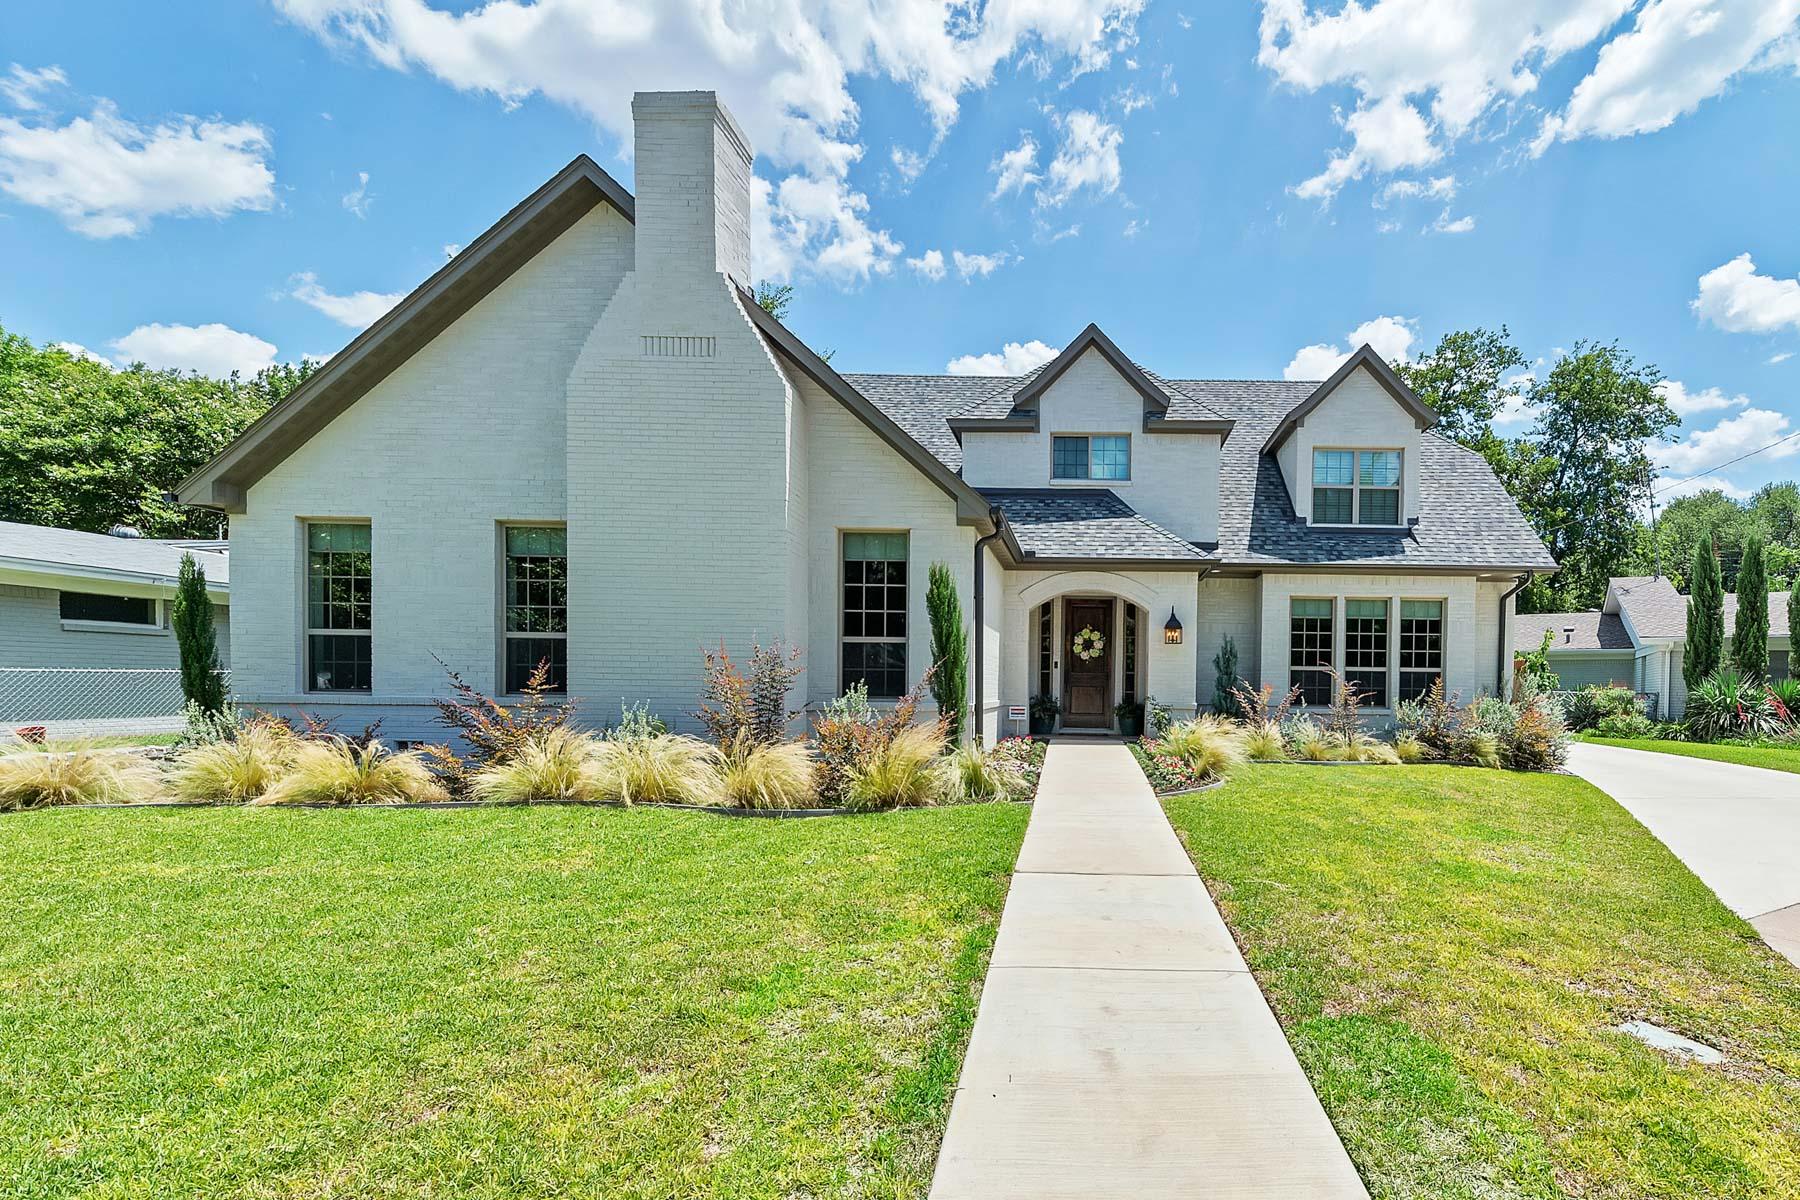 Частный односемейный дом для того Продажа на 3917 Claridge Court, Fort Worth 3917 Claridge Ct Fort Worth, Техас, 76109 Соединенные Штаты